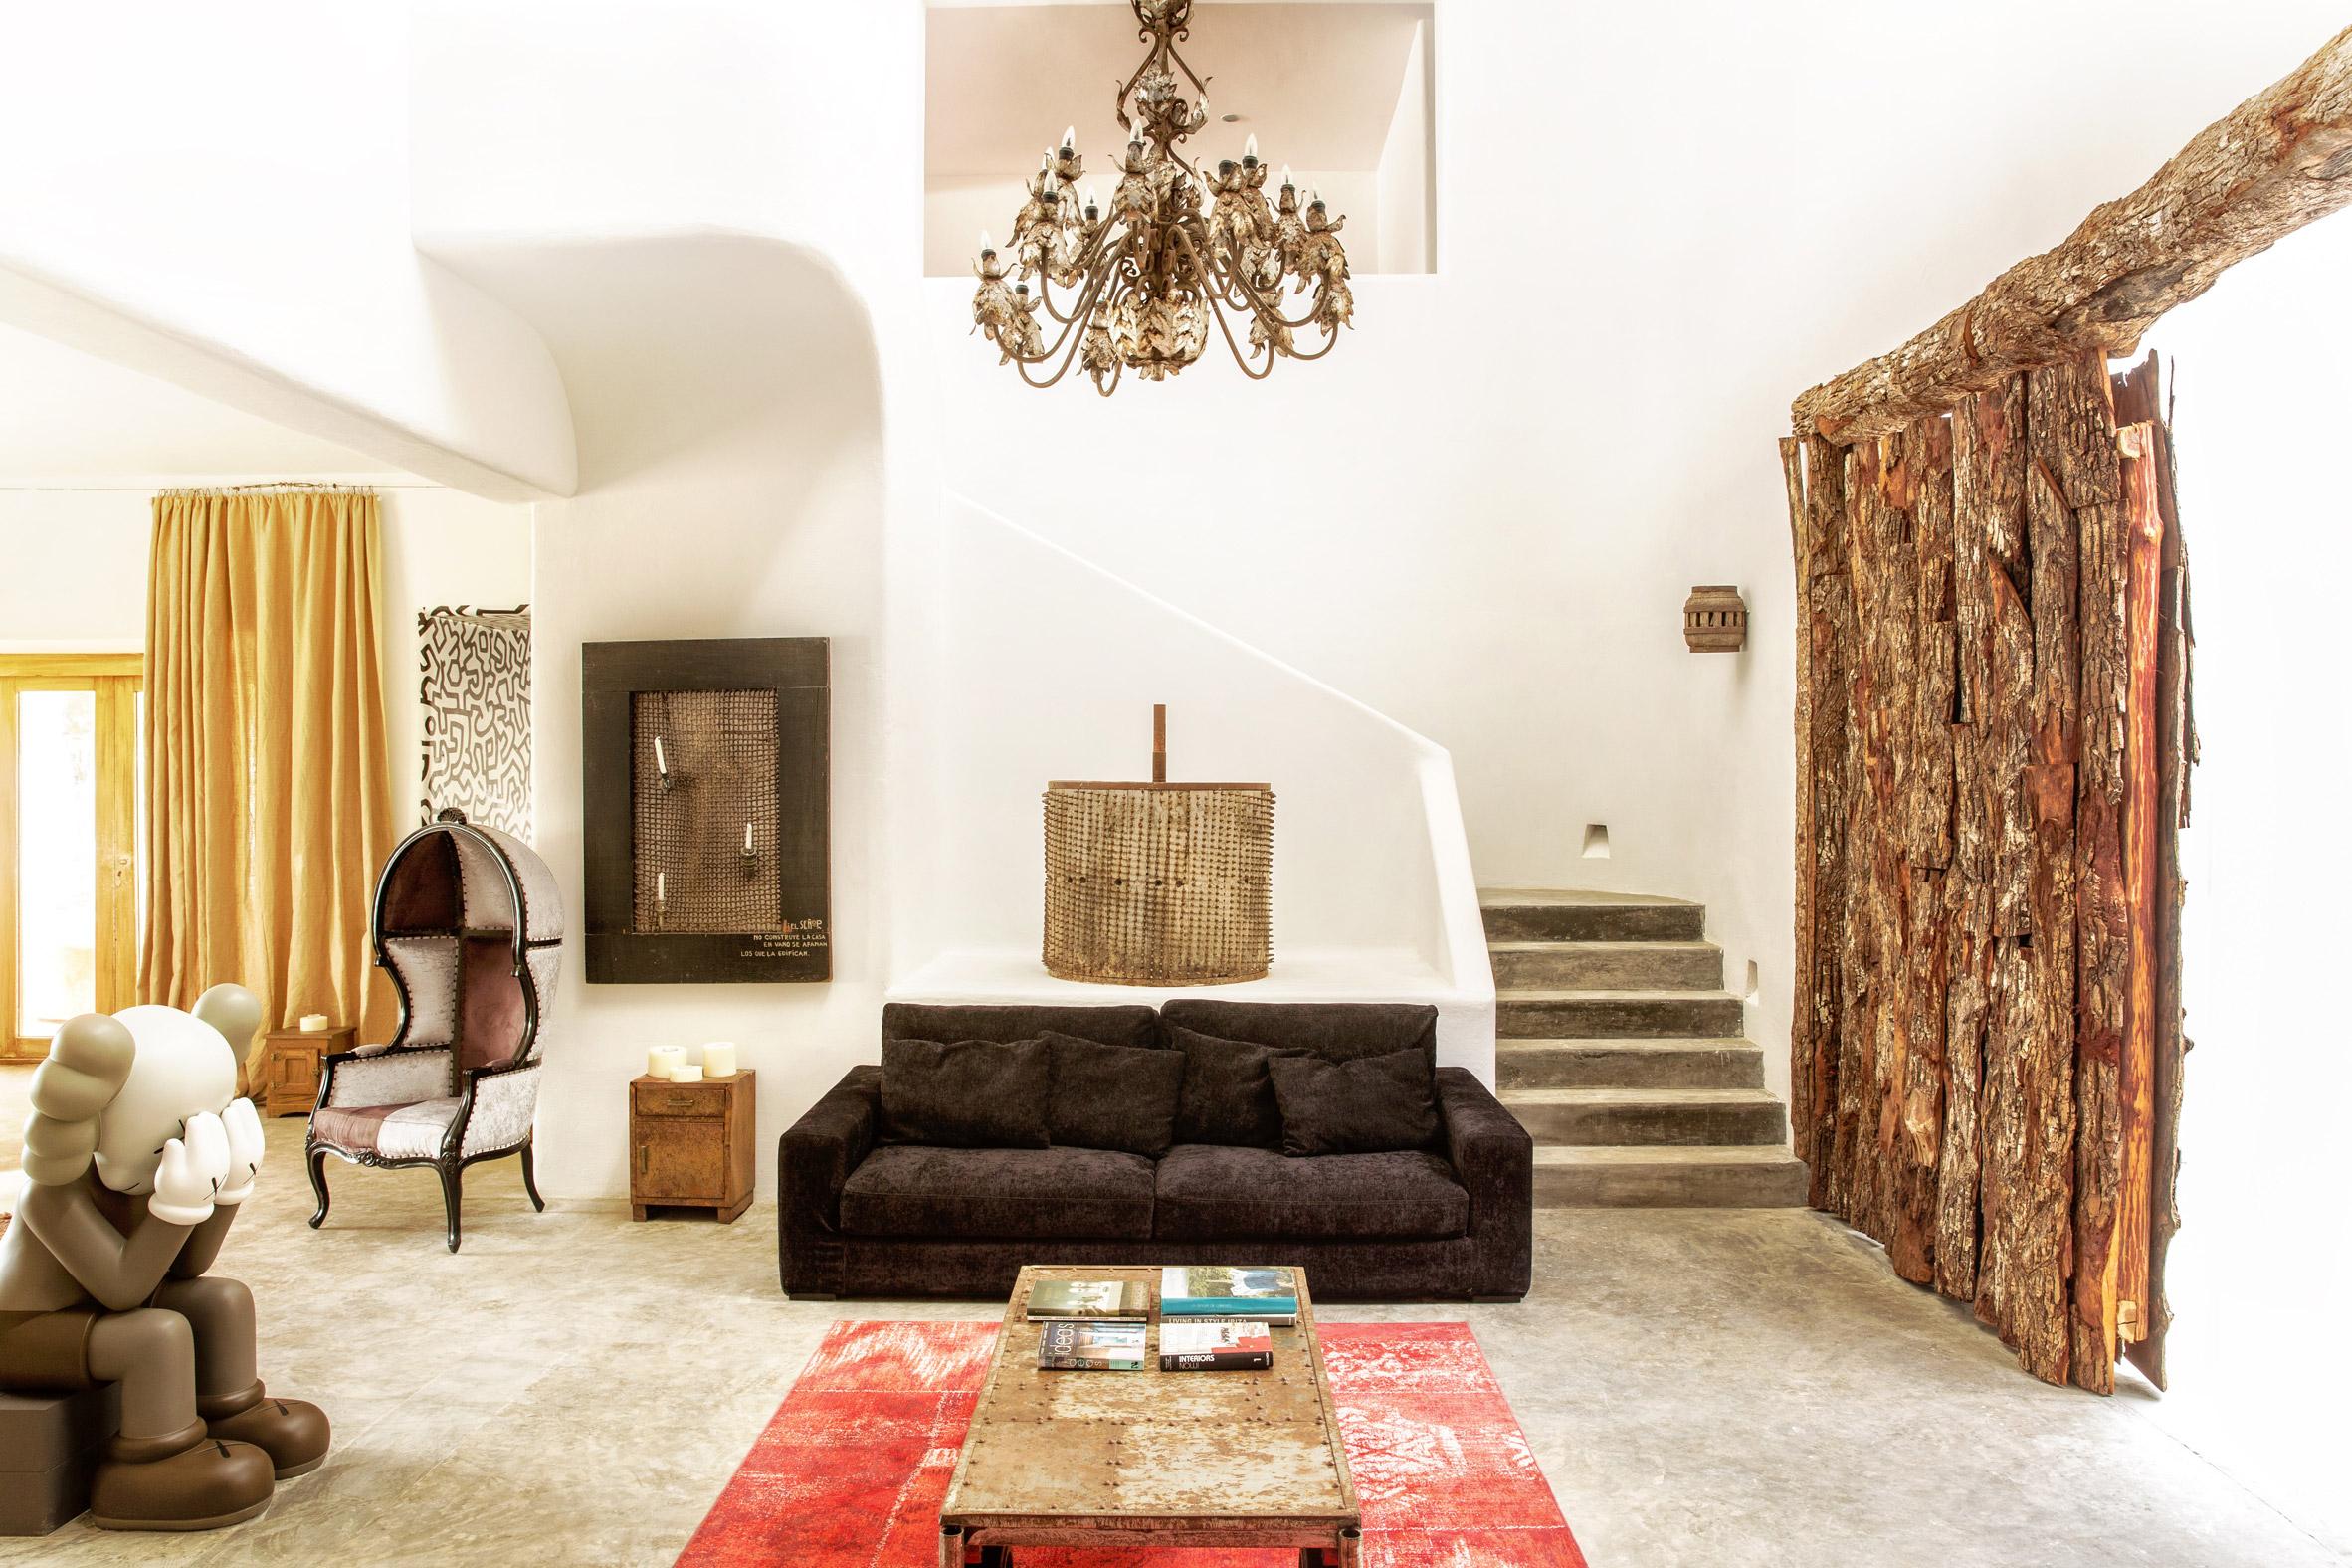 casa-malca-architecture-hotels-mexico_dezeen_2364_col_8.jpg